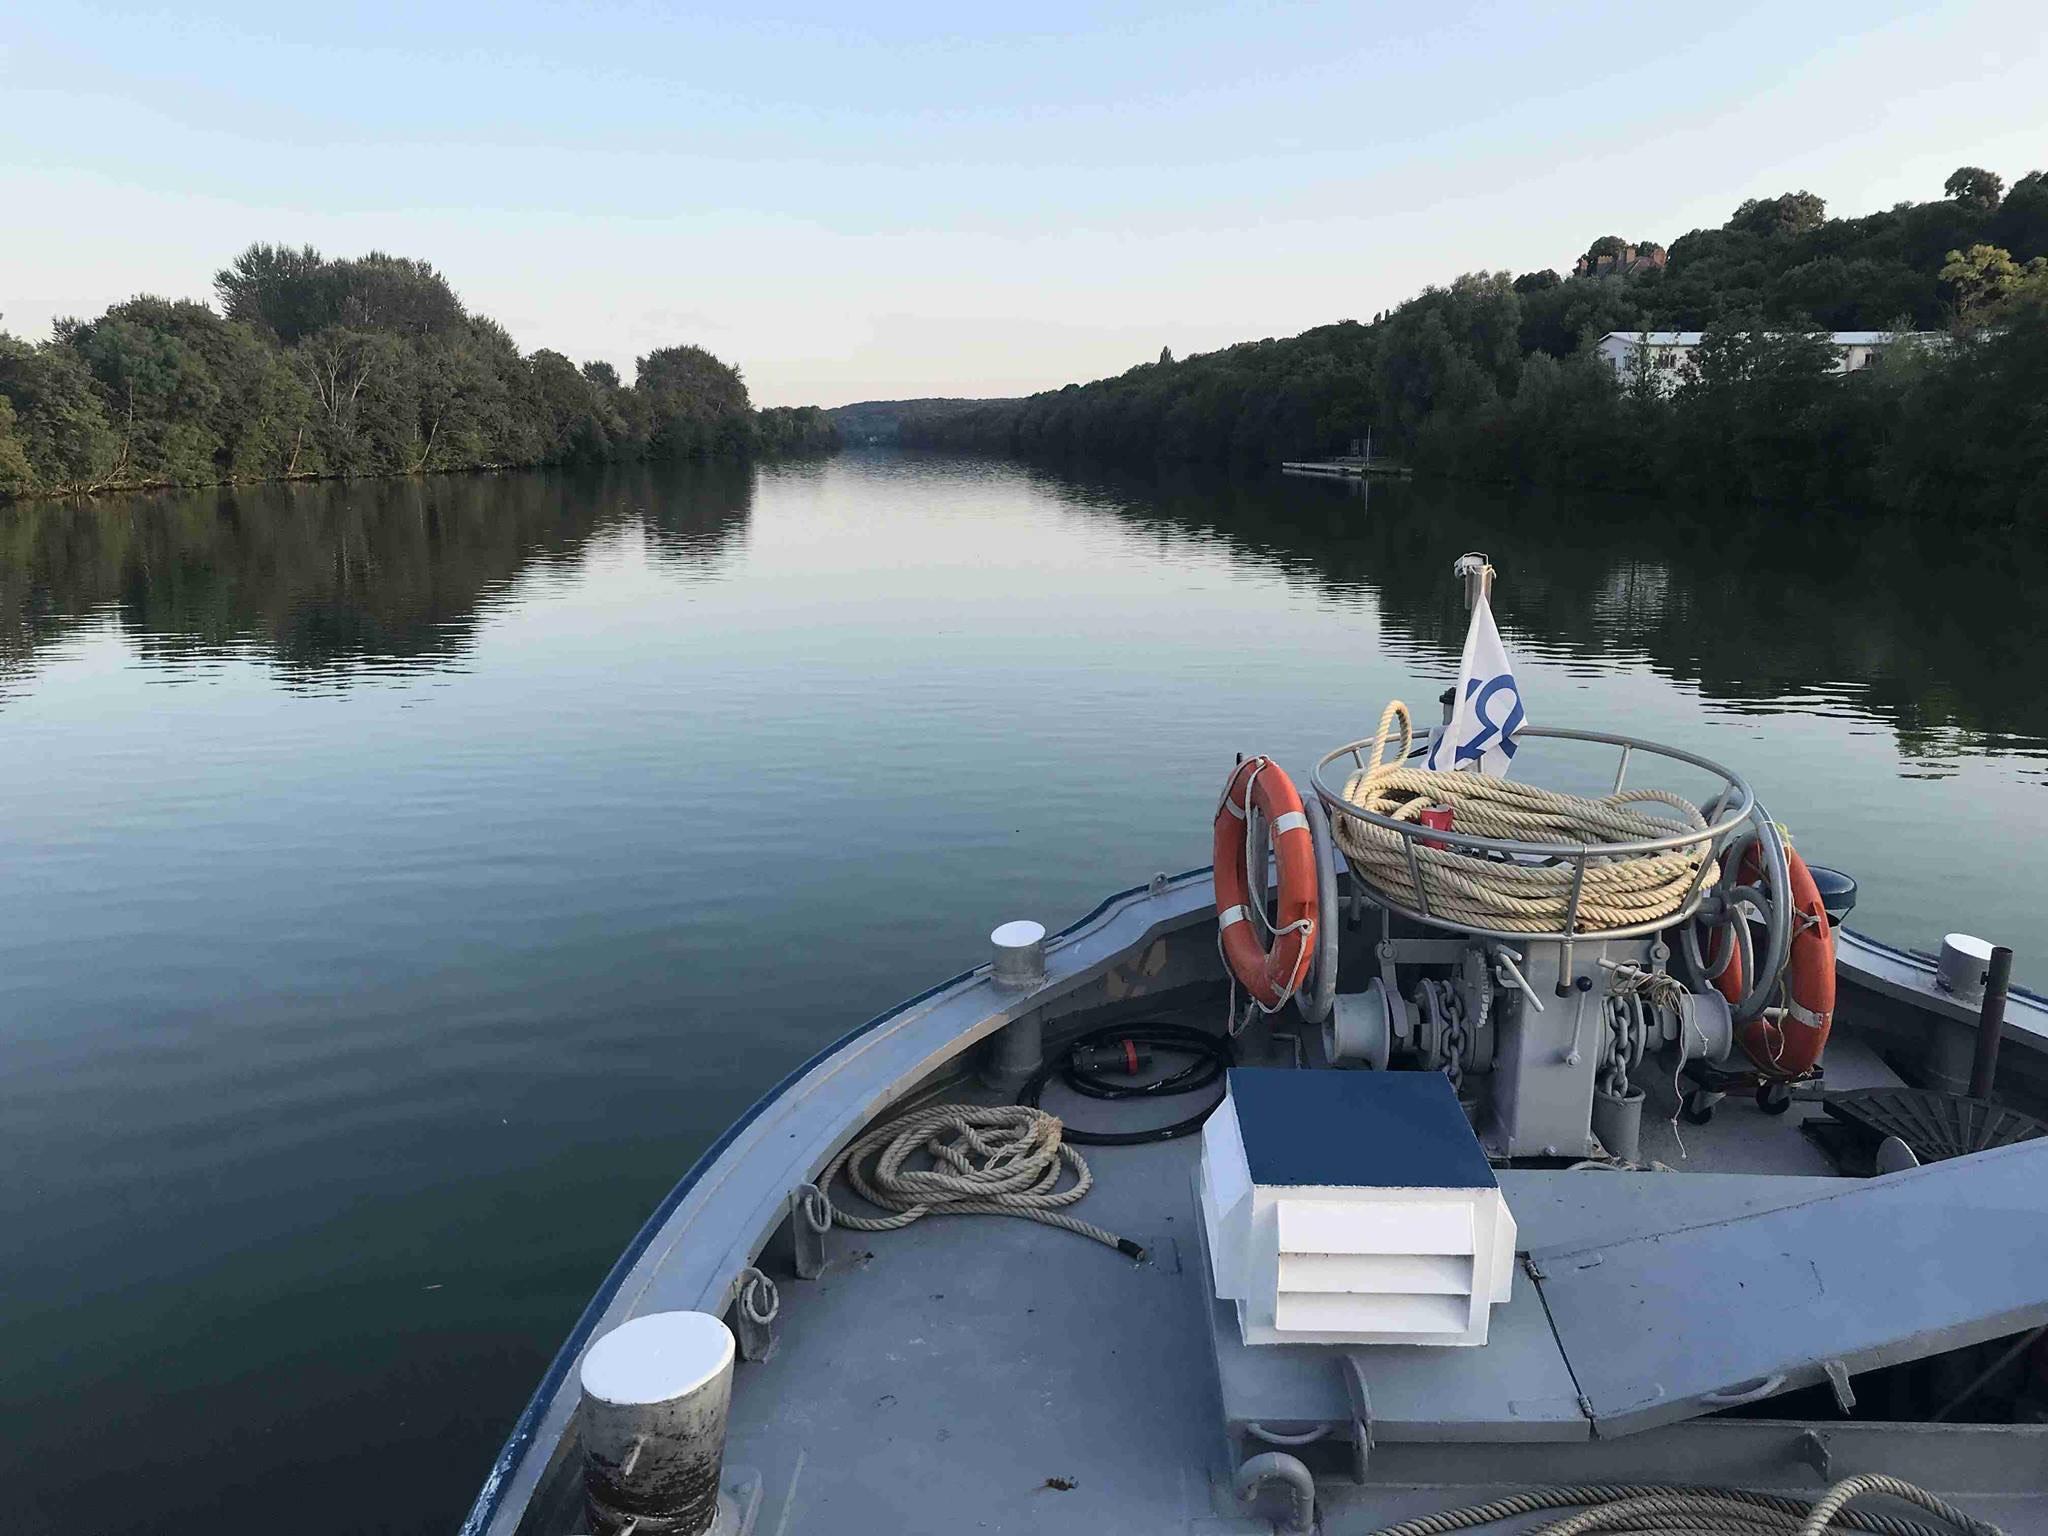 Sélection de croisières sur La Seine au départ de Melun - Ex : 3 heures, avec passage d'une écluse - Office de Tourisme de Melun (77)